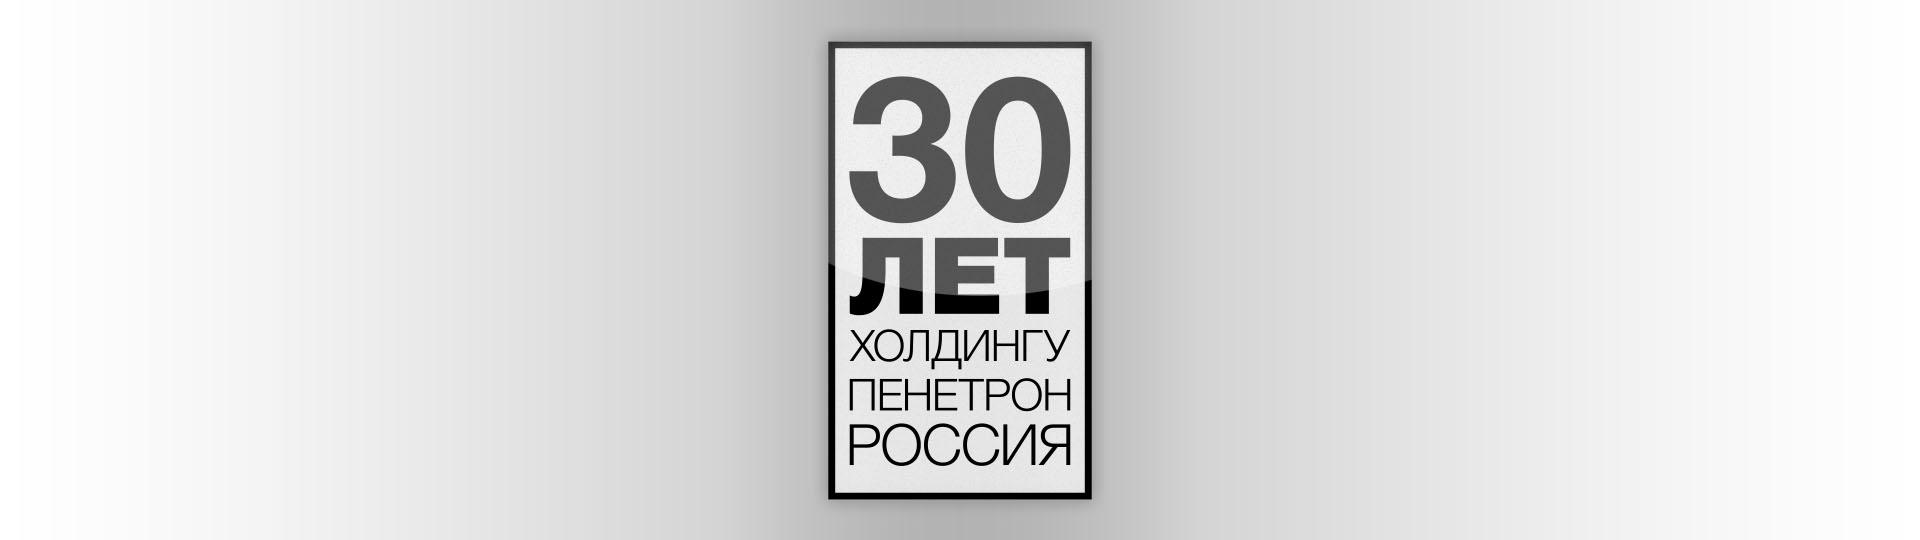 30 лет холдингу «Пенетрон-Россия»